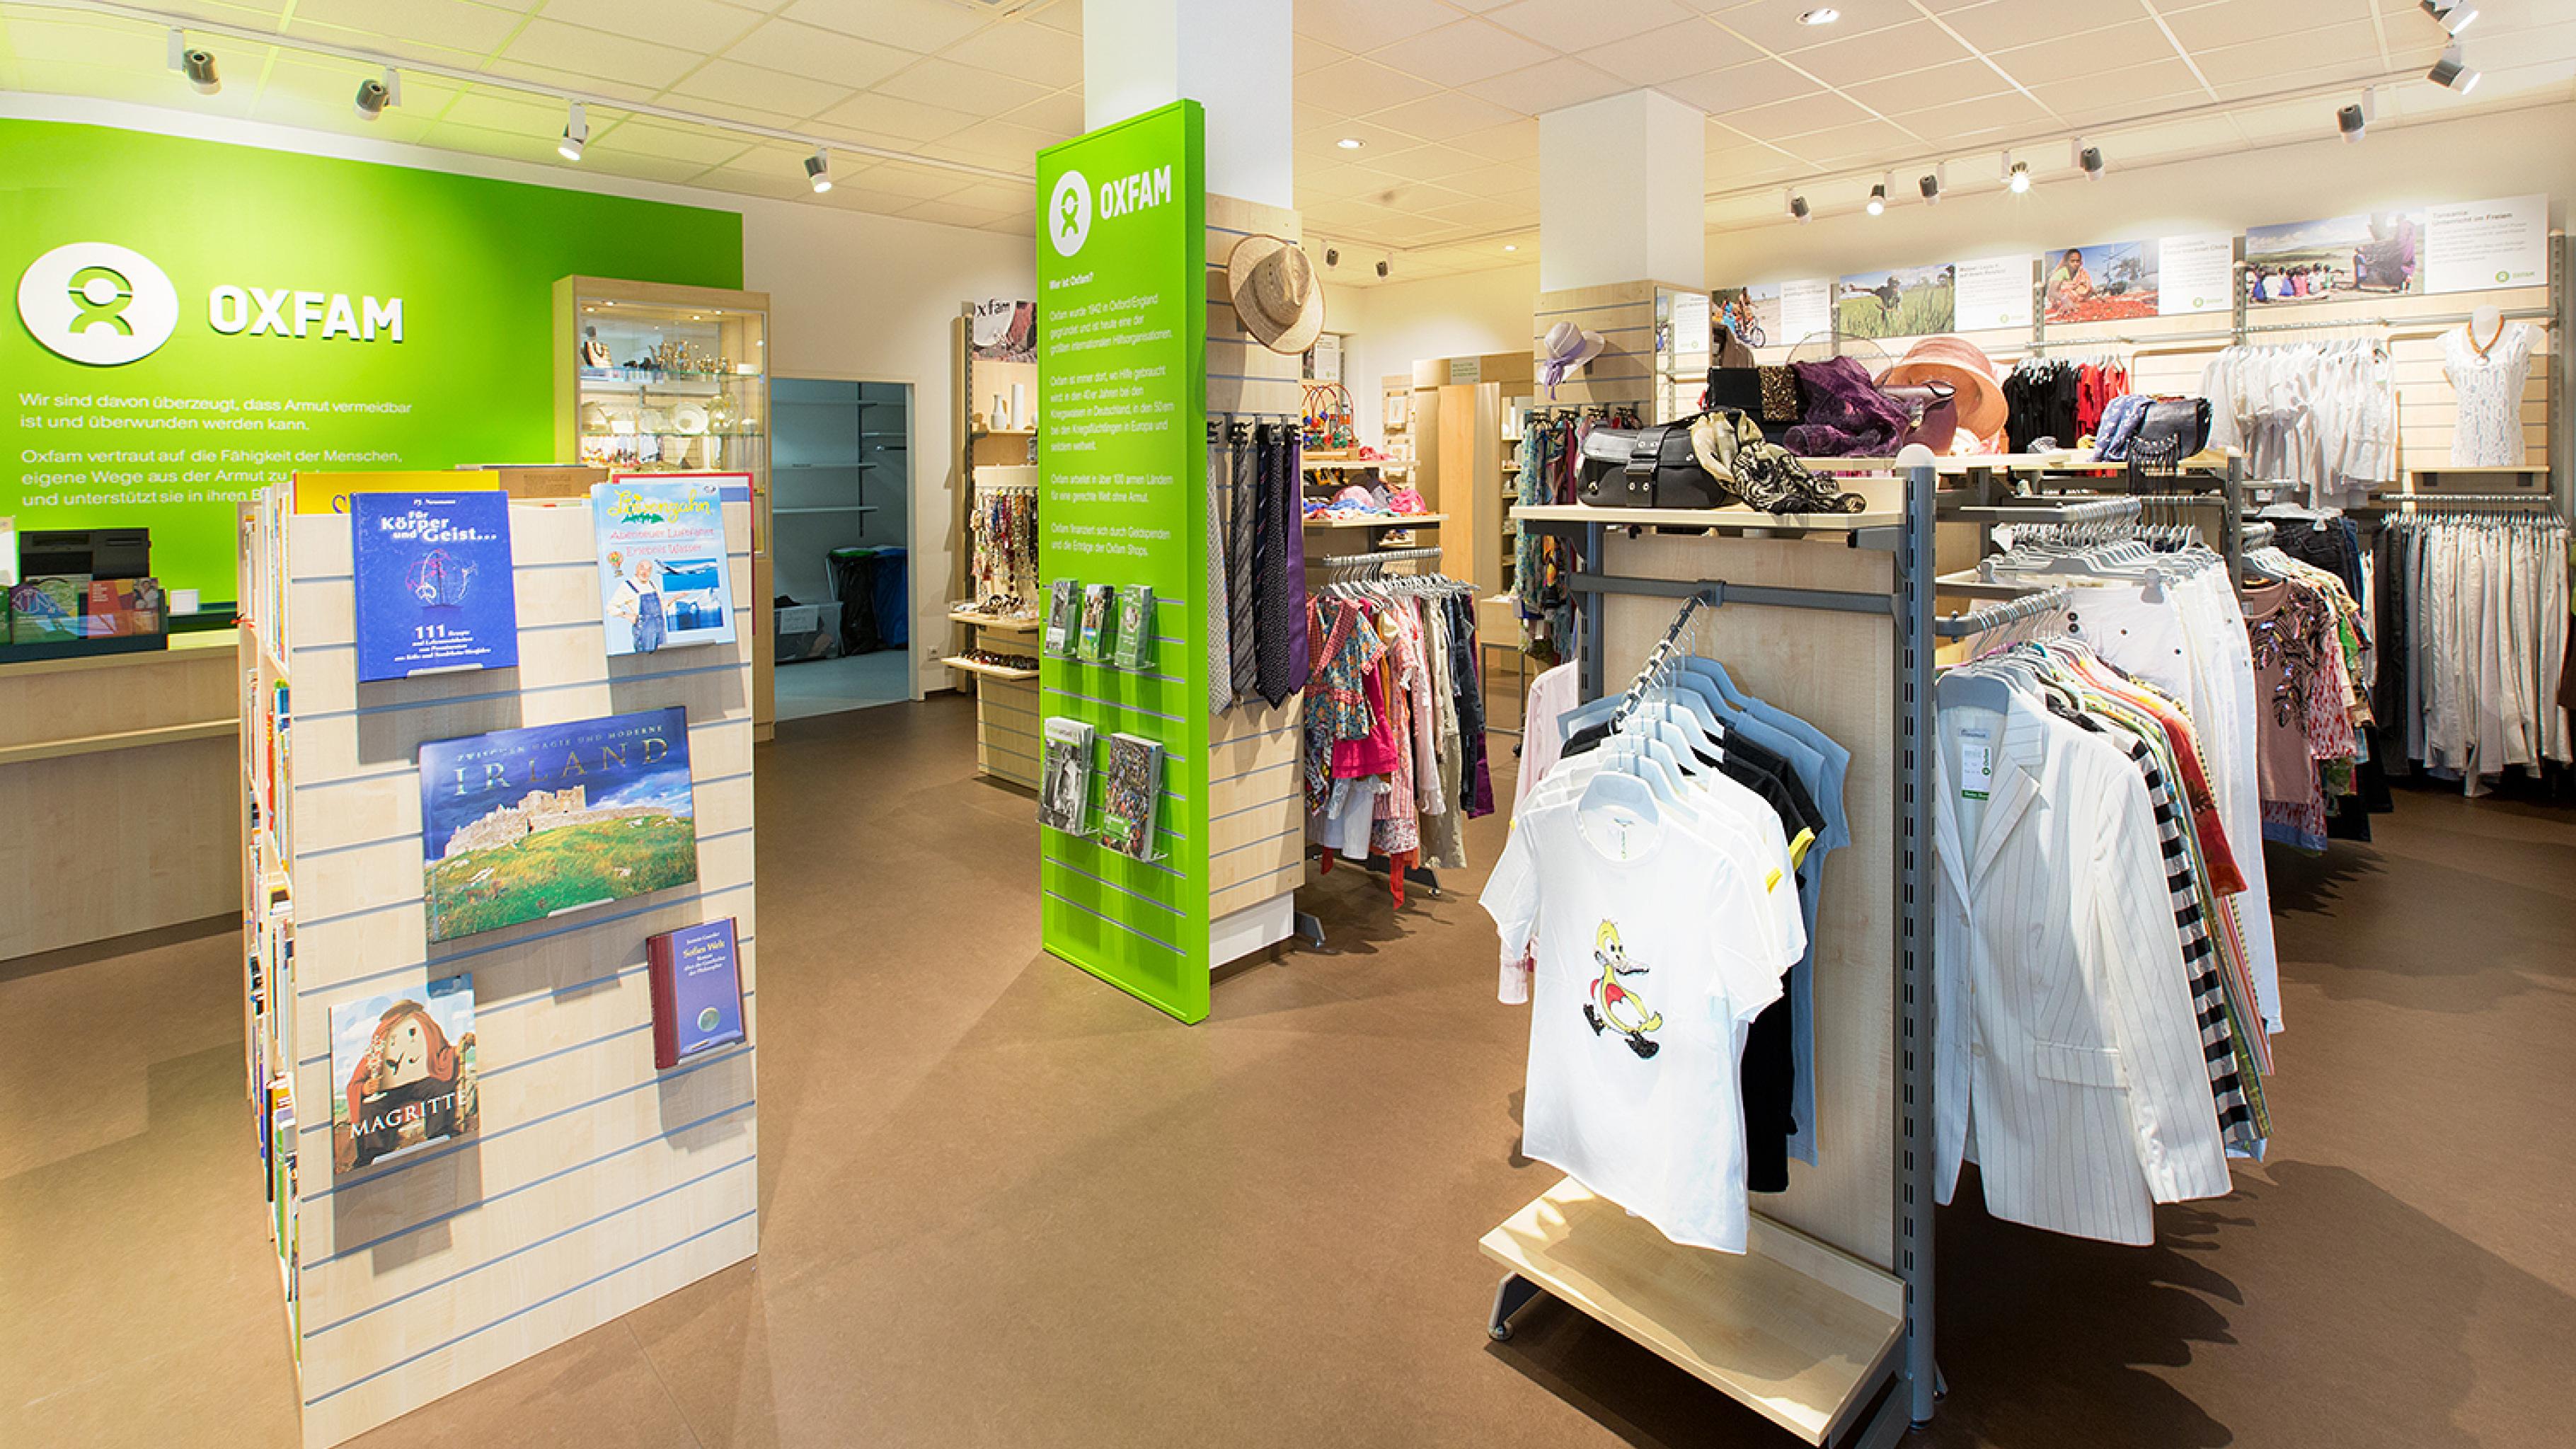 Oxfam Shop Mannheim - Innenansicht